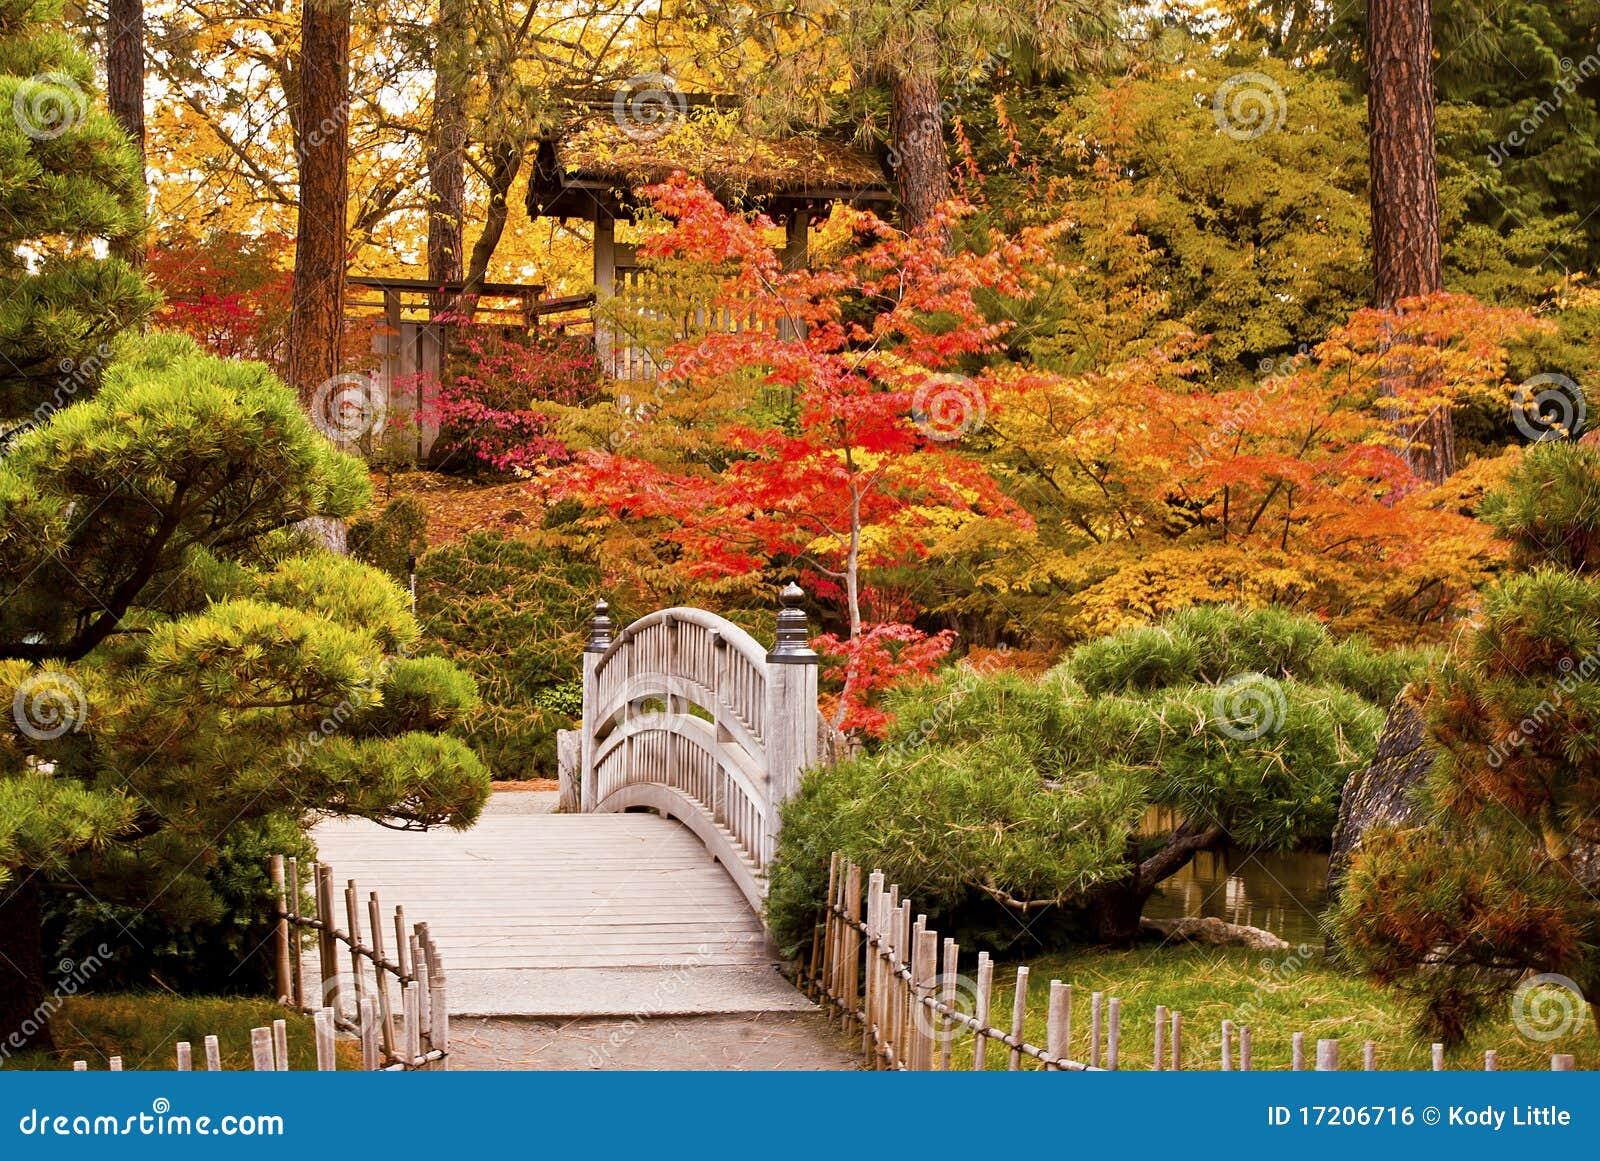 秋天庭院日语